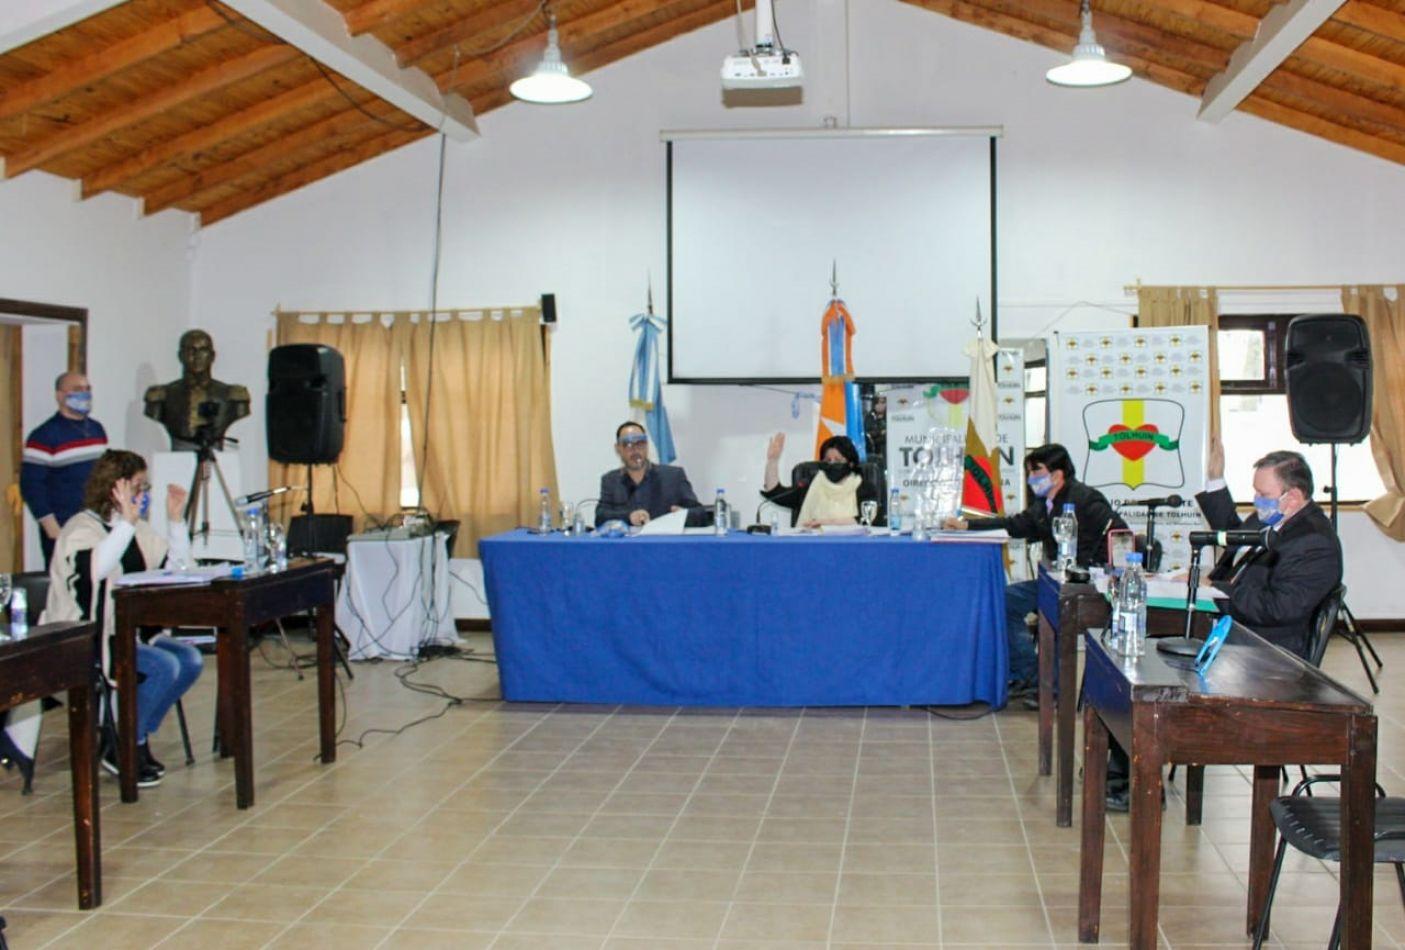 Sesionó el Concejo de Tolhuin con la presencia de 3 ediles.